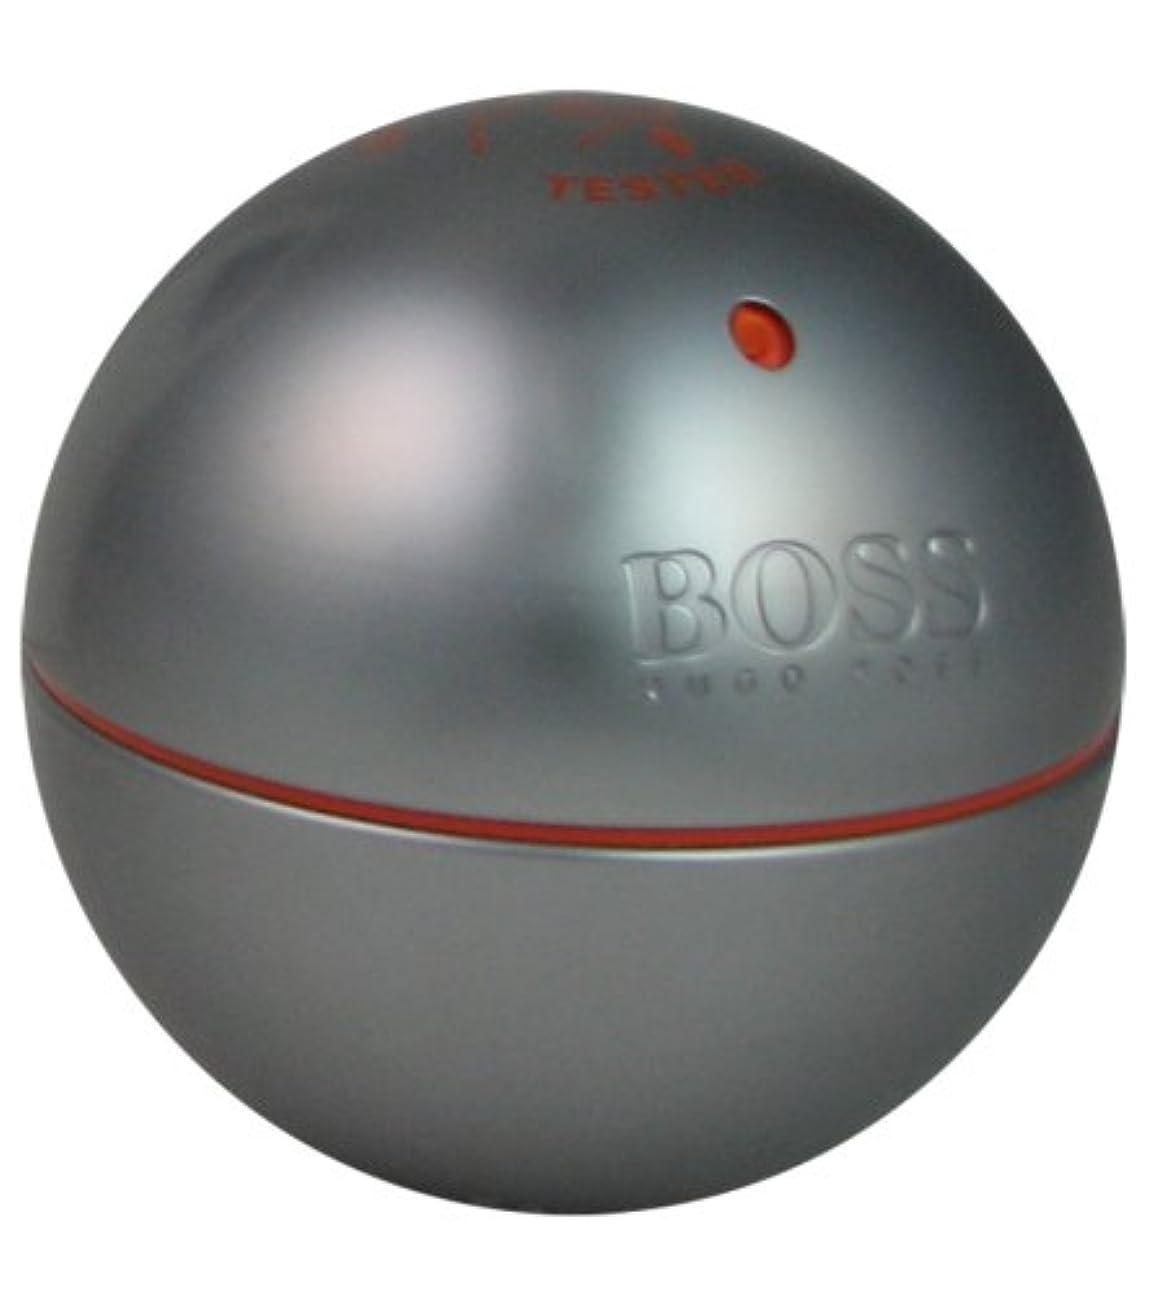 計算可能前述の典型的なヒューゴ ボス HUGO BOSS ボス インモーション 90ml EDT テスター fs